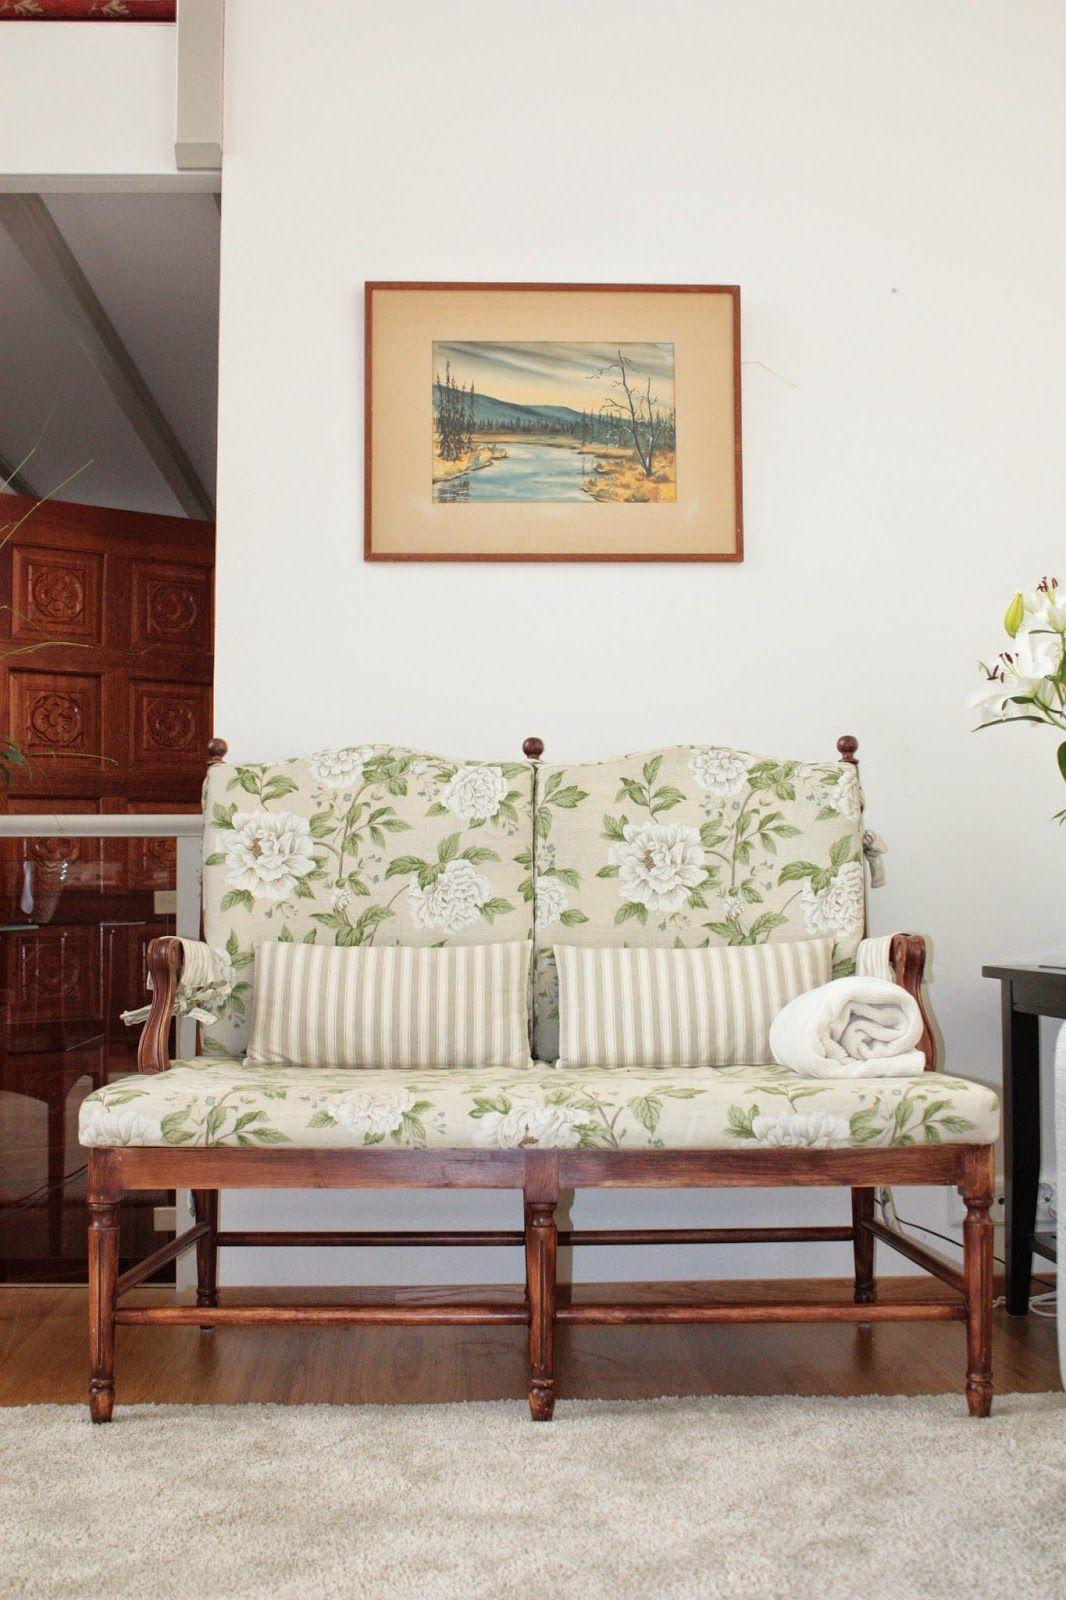 JUVIn Gripsholm-sohva #Lauritzon's kankaalla Pioni #gustavian